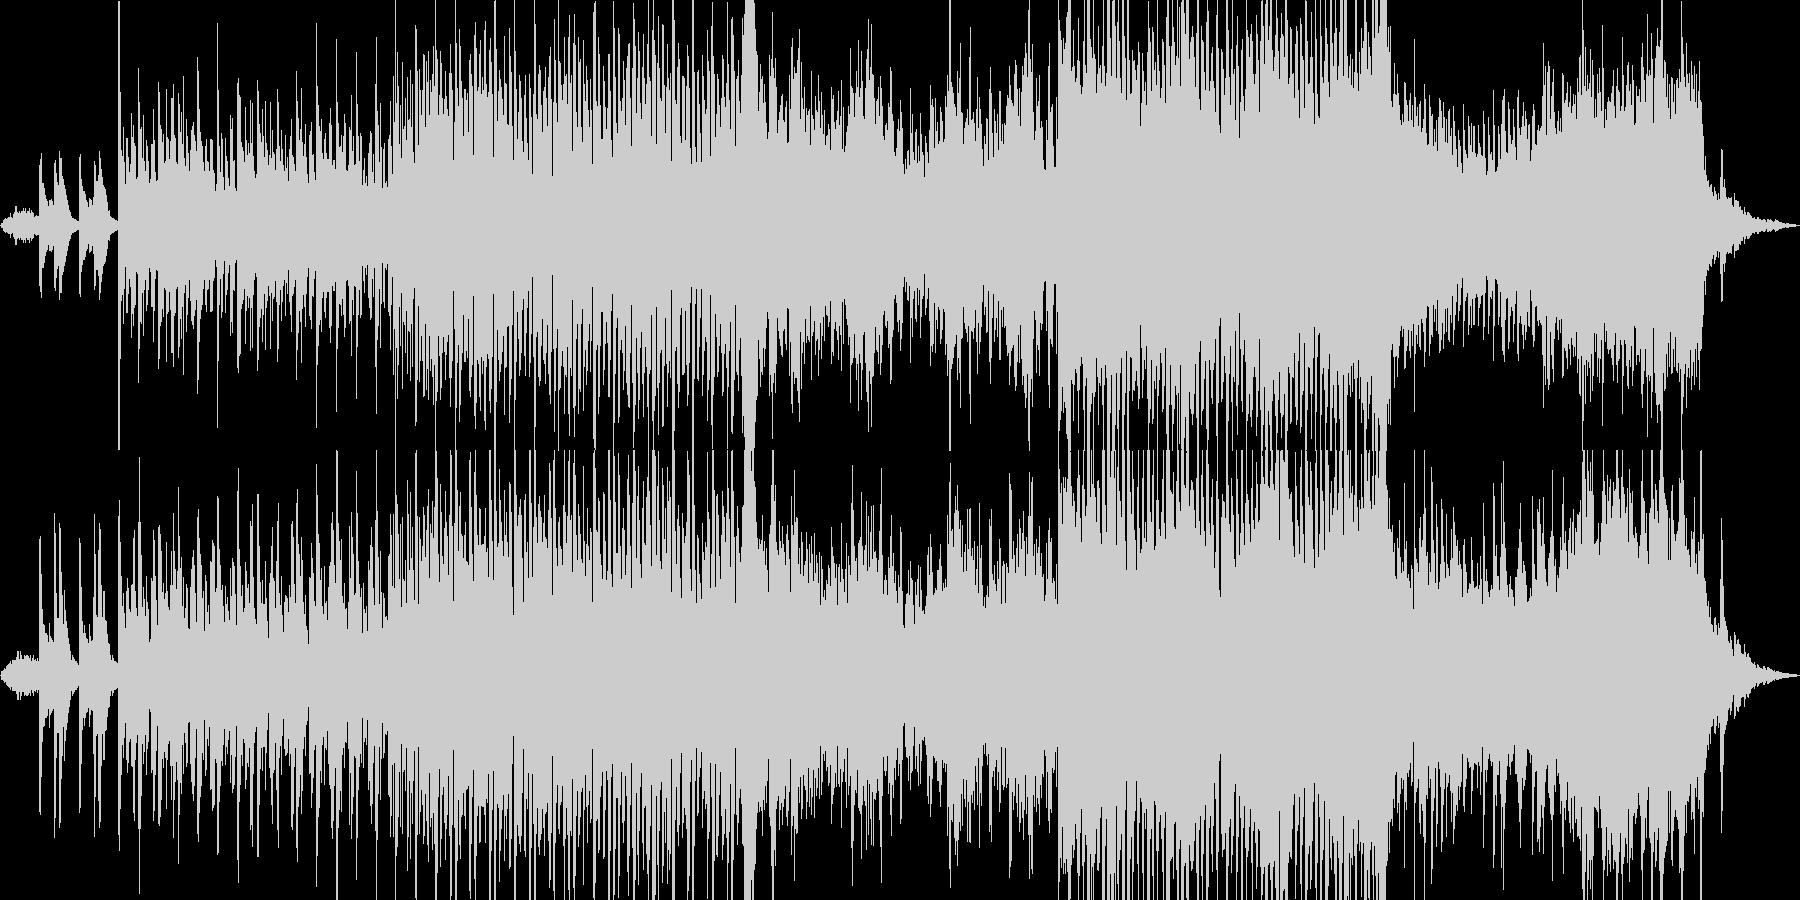 ドローン等による空撮映像をイメージした曲の未再生の波形